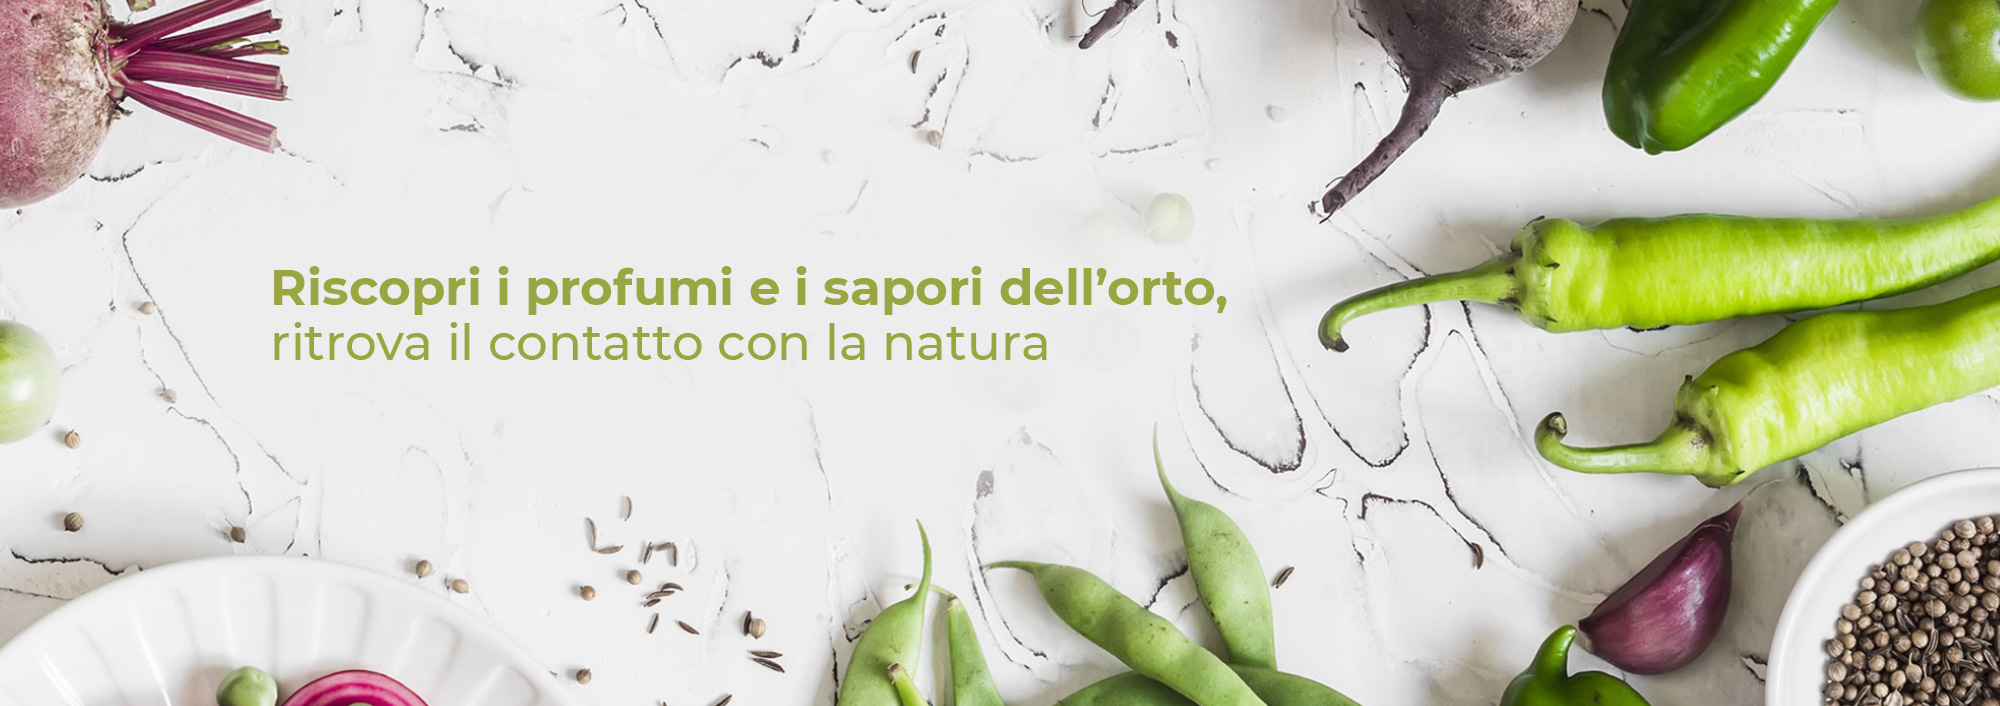 SedanoRapa gastronomia di cucina vegetale Gallarate